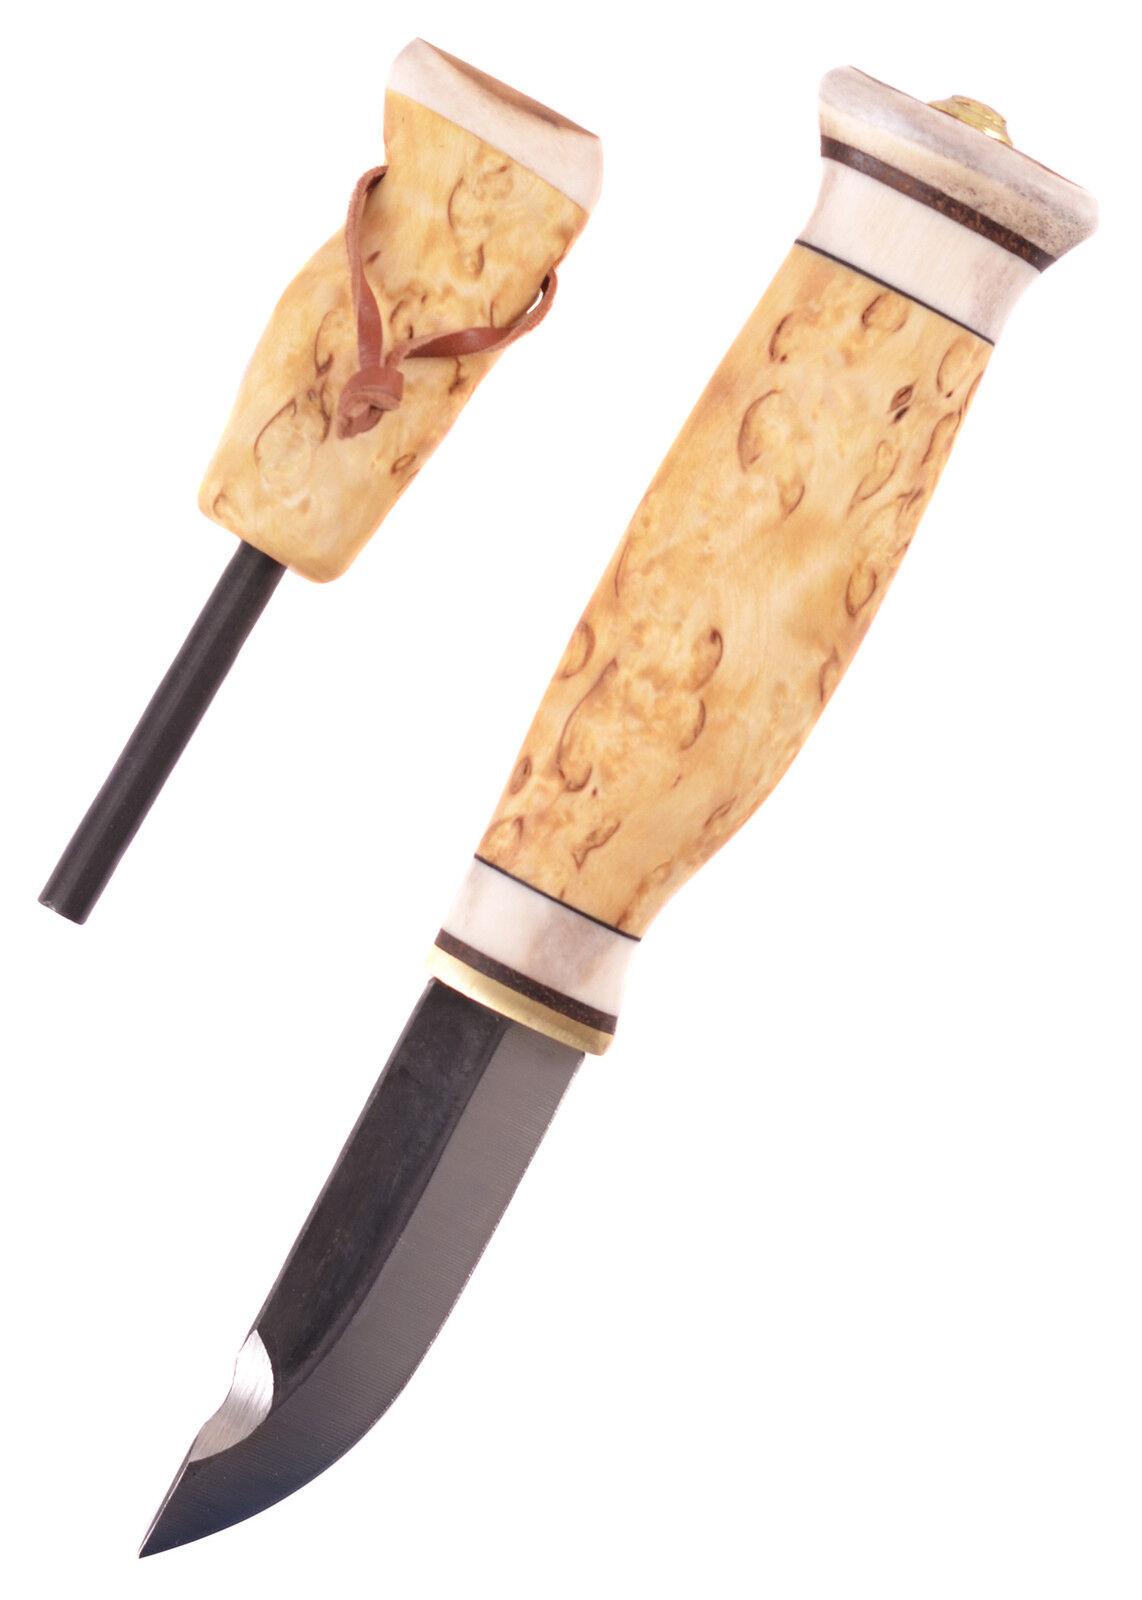 Jätkänpuukko mit Feuerstahl, Wood-Jewel - Finnenmesser - Sami Messer Jagdmesser